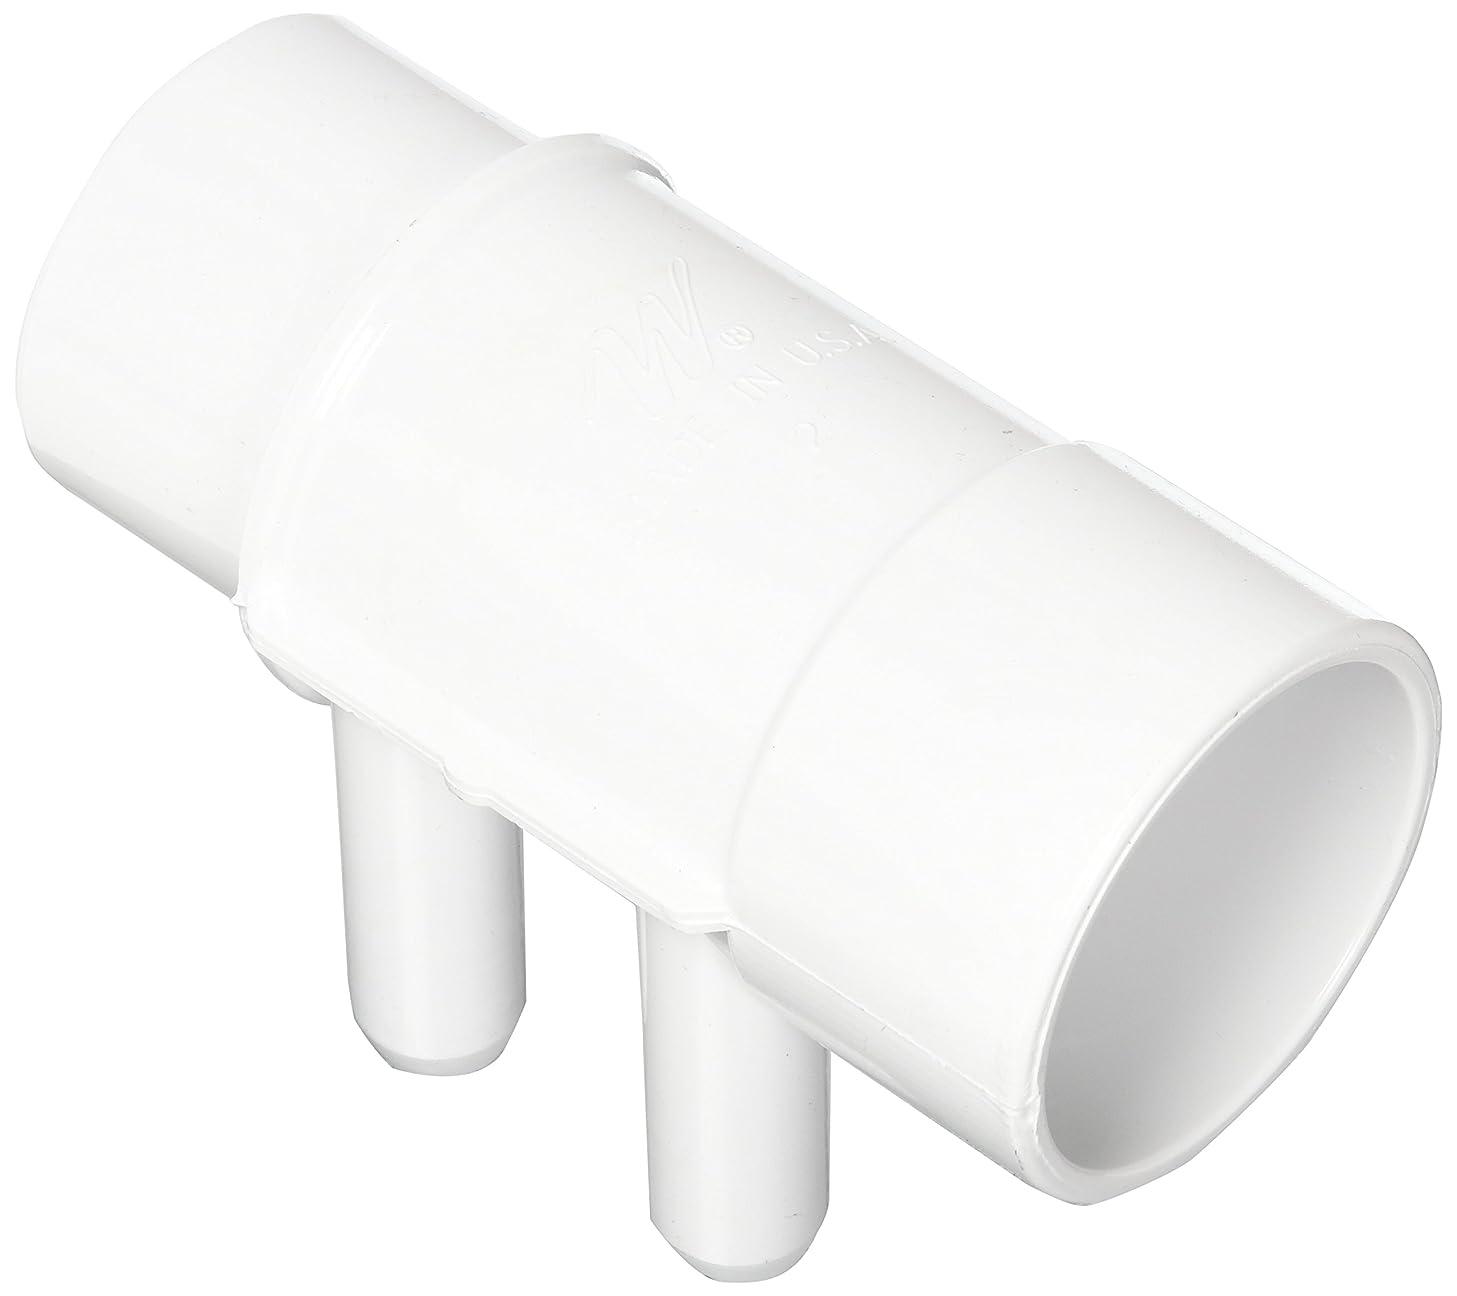 Waterway Plastics 806105119711 2